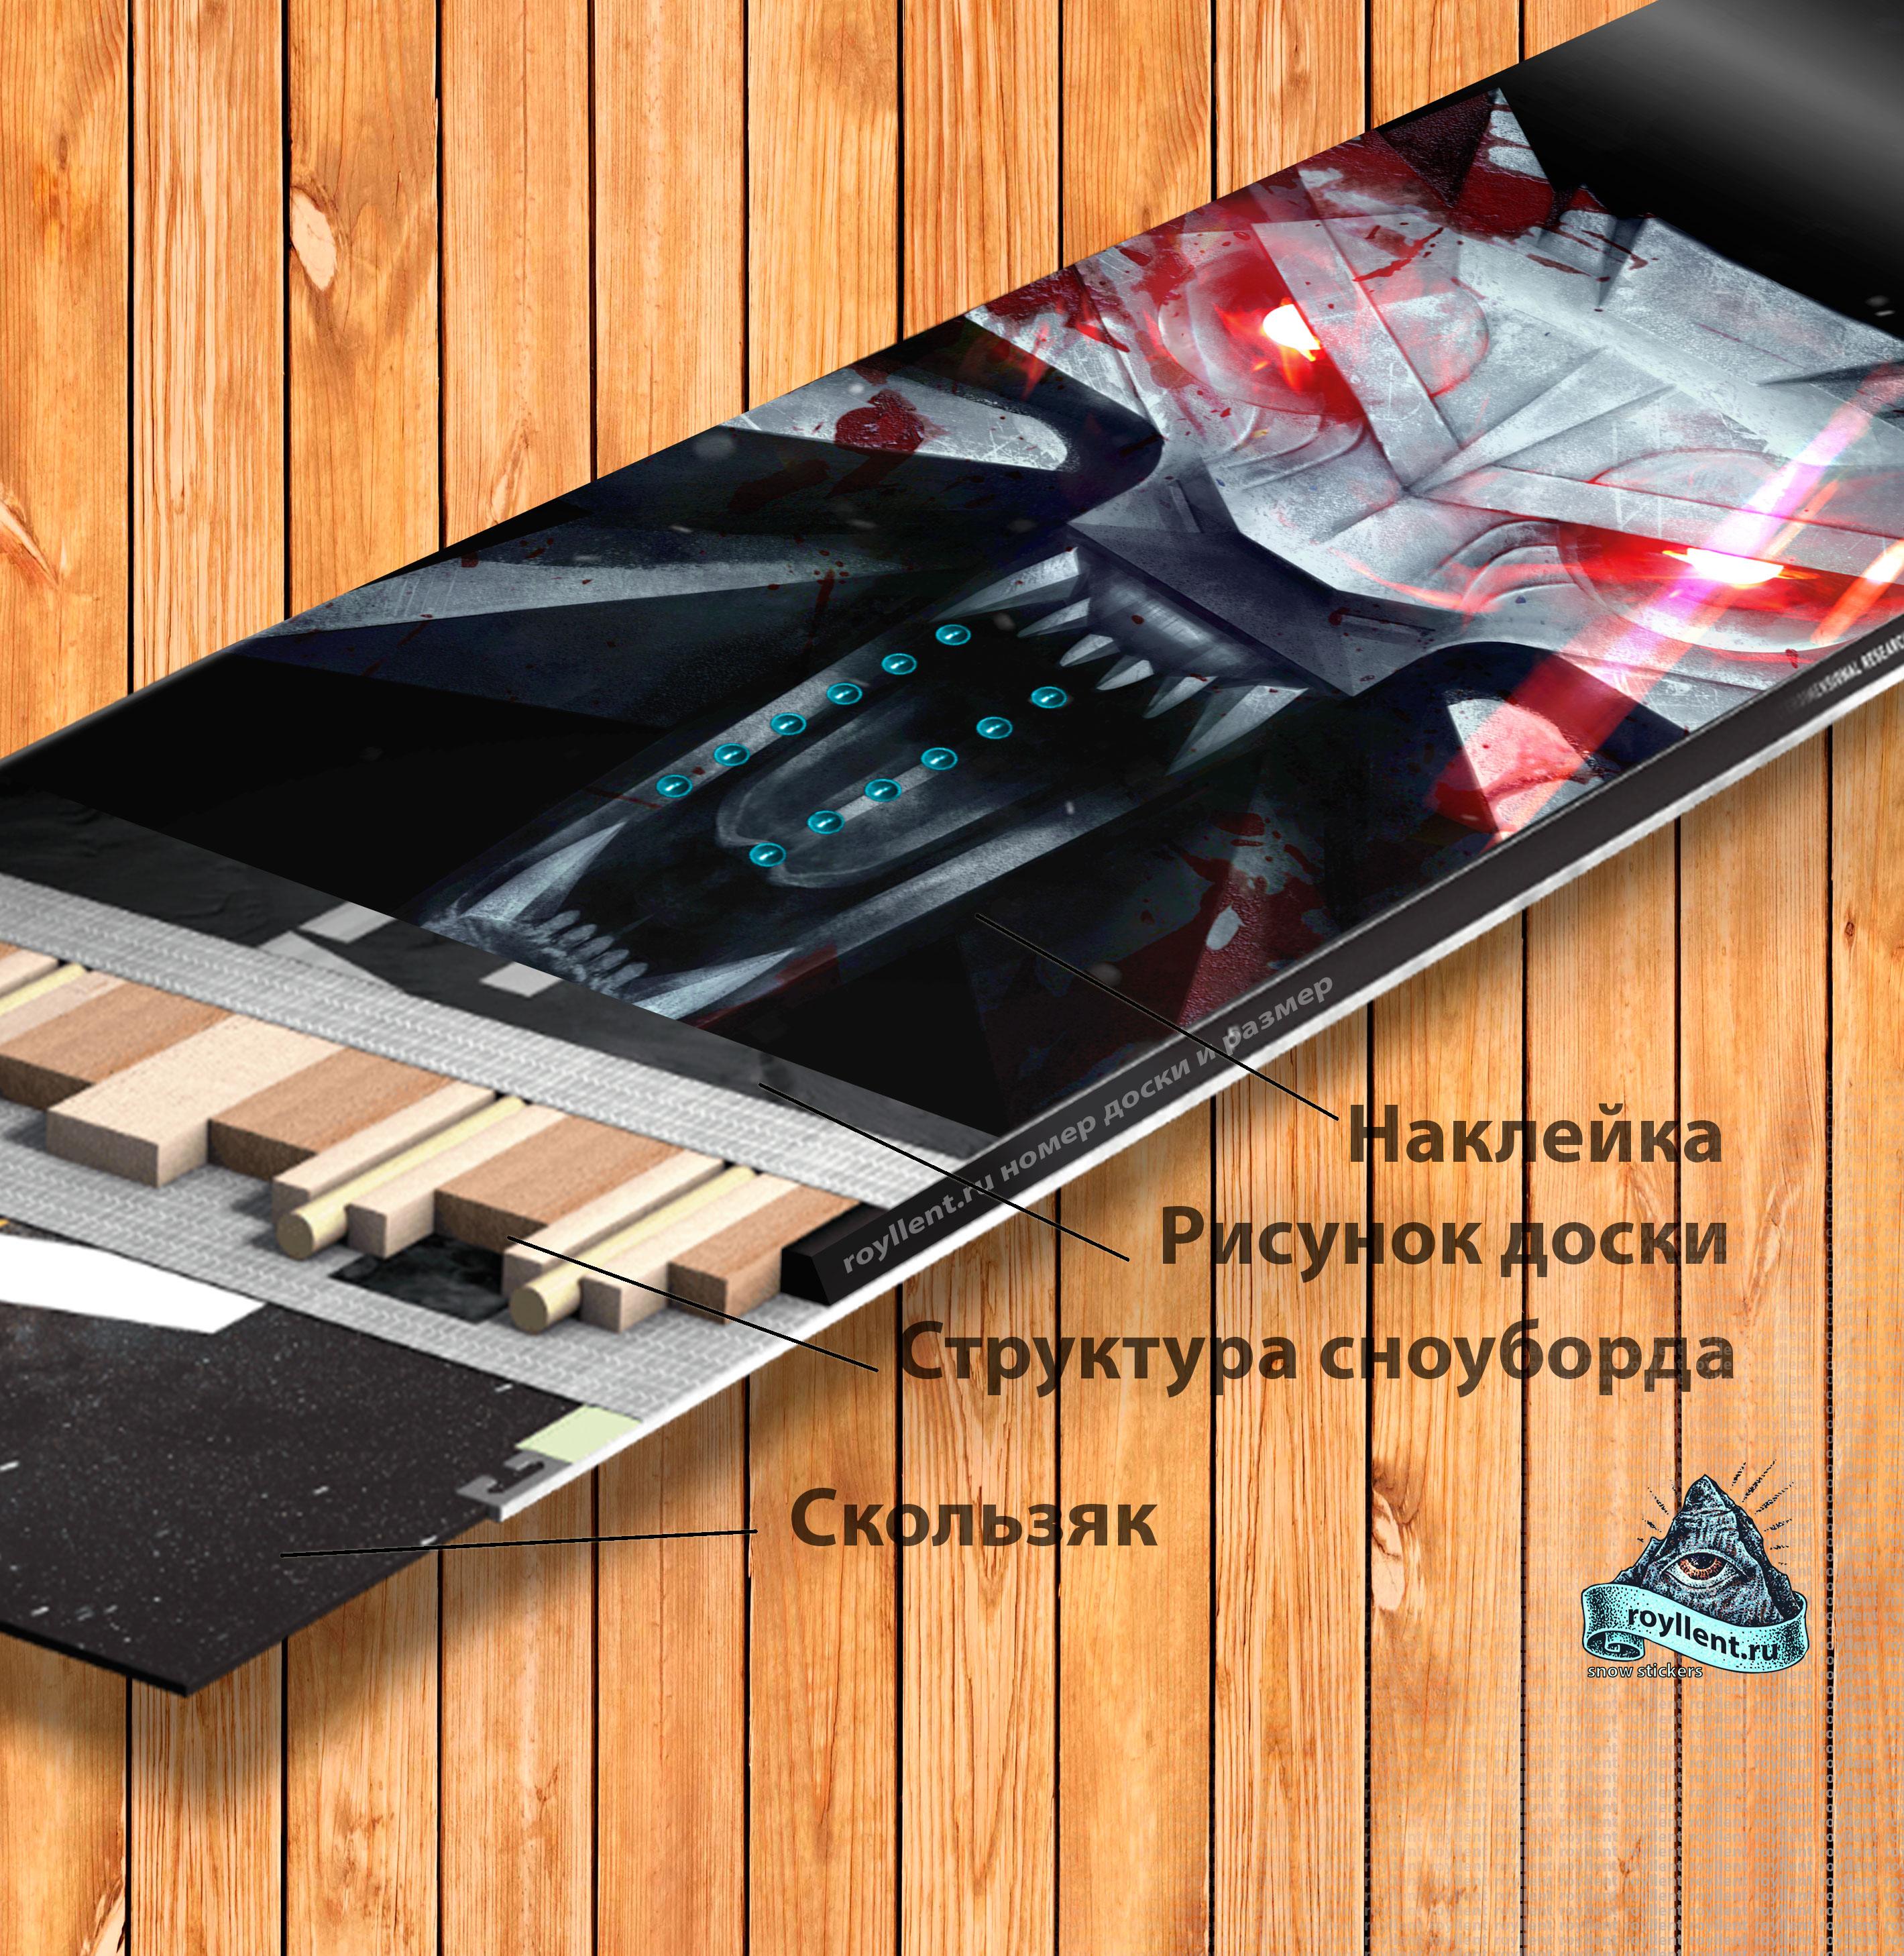 Сноуборд наклейка на доску купить в интернет магазине Wild-Hunt